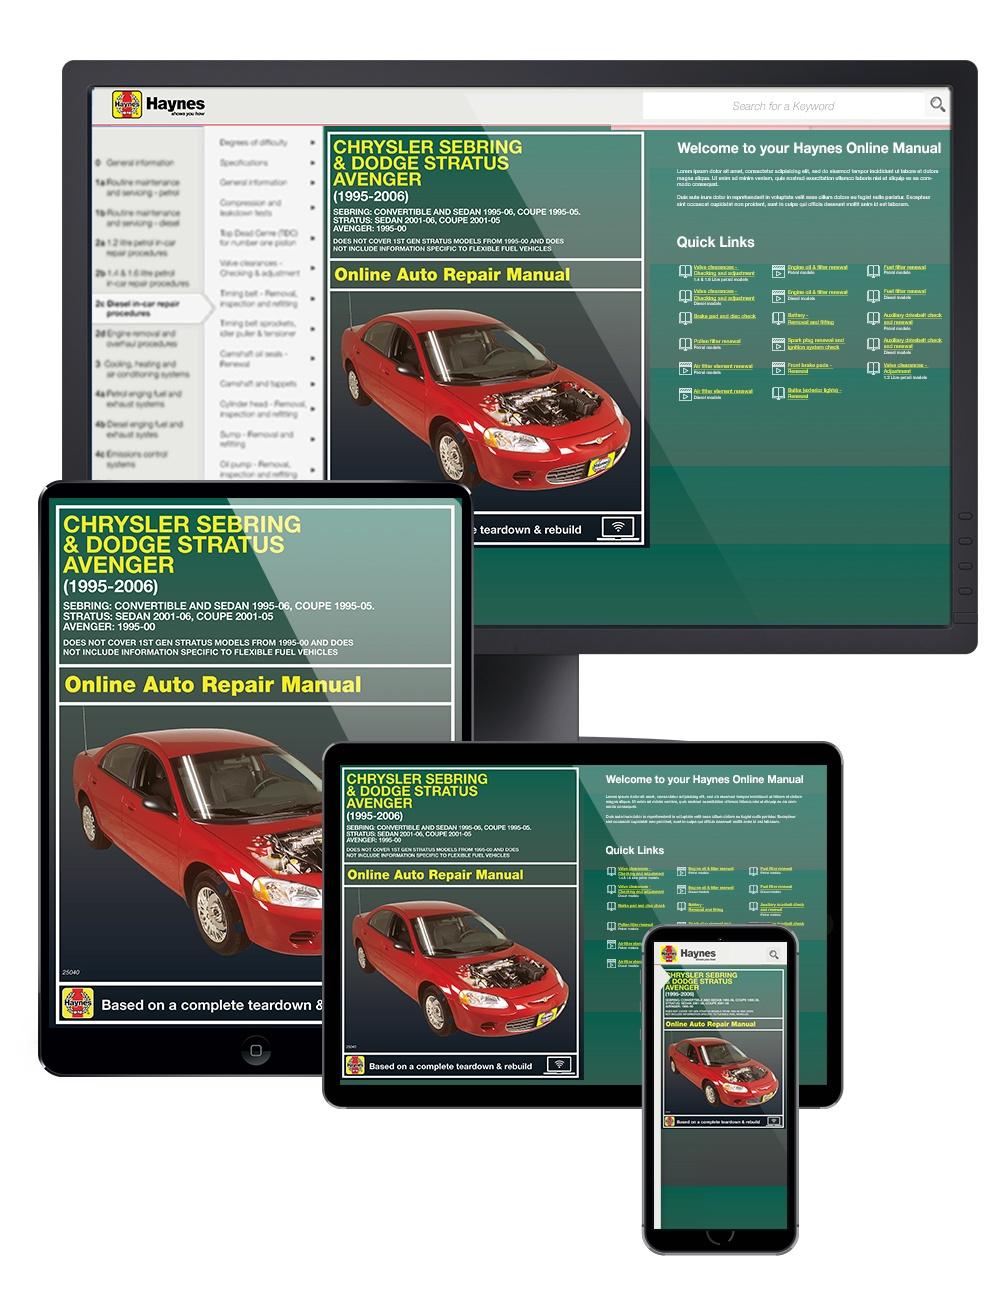 Manual cover for Chrysler Sebring & Dodge Stratus & Avenger (95-06) Haynes Online Manual